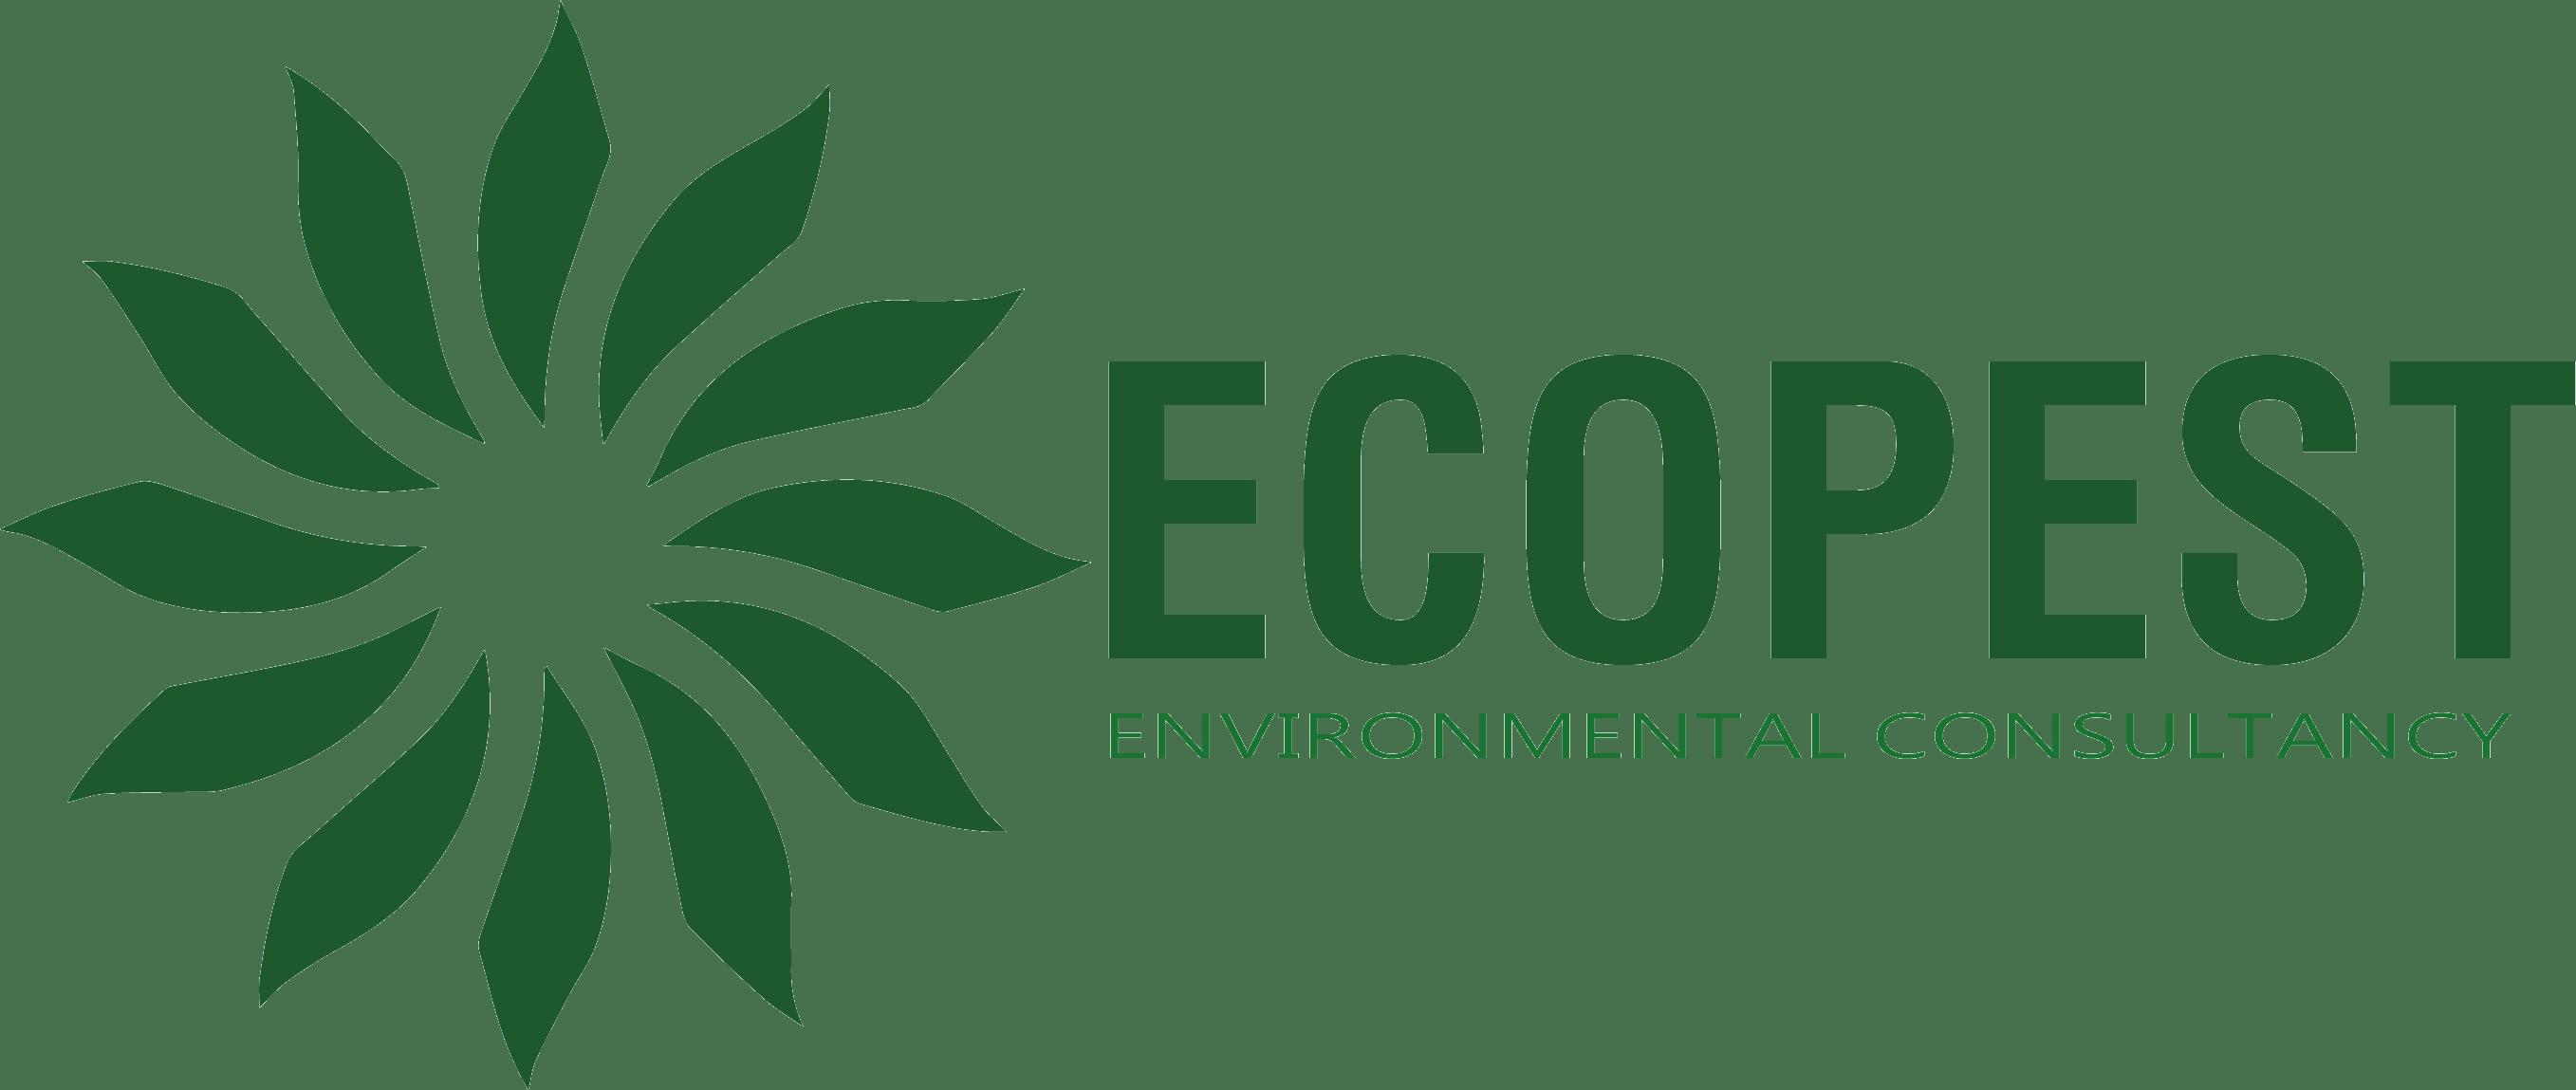 Ecopestuae